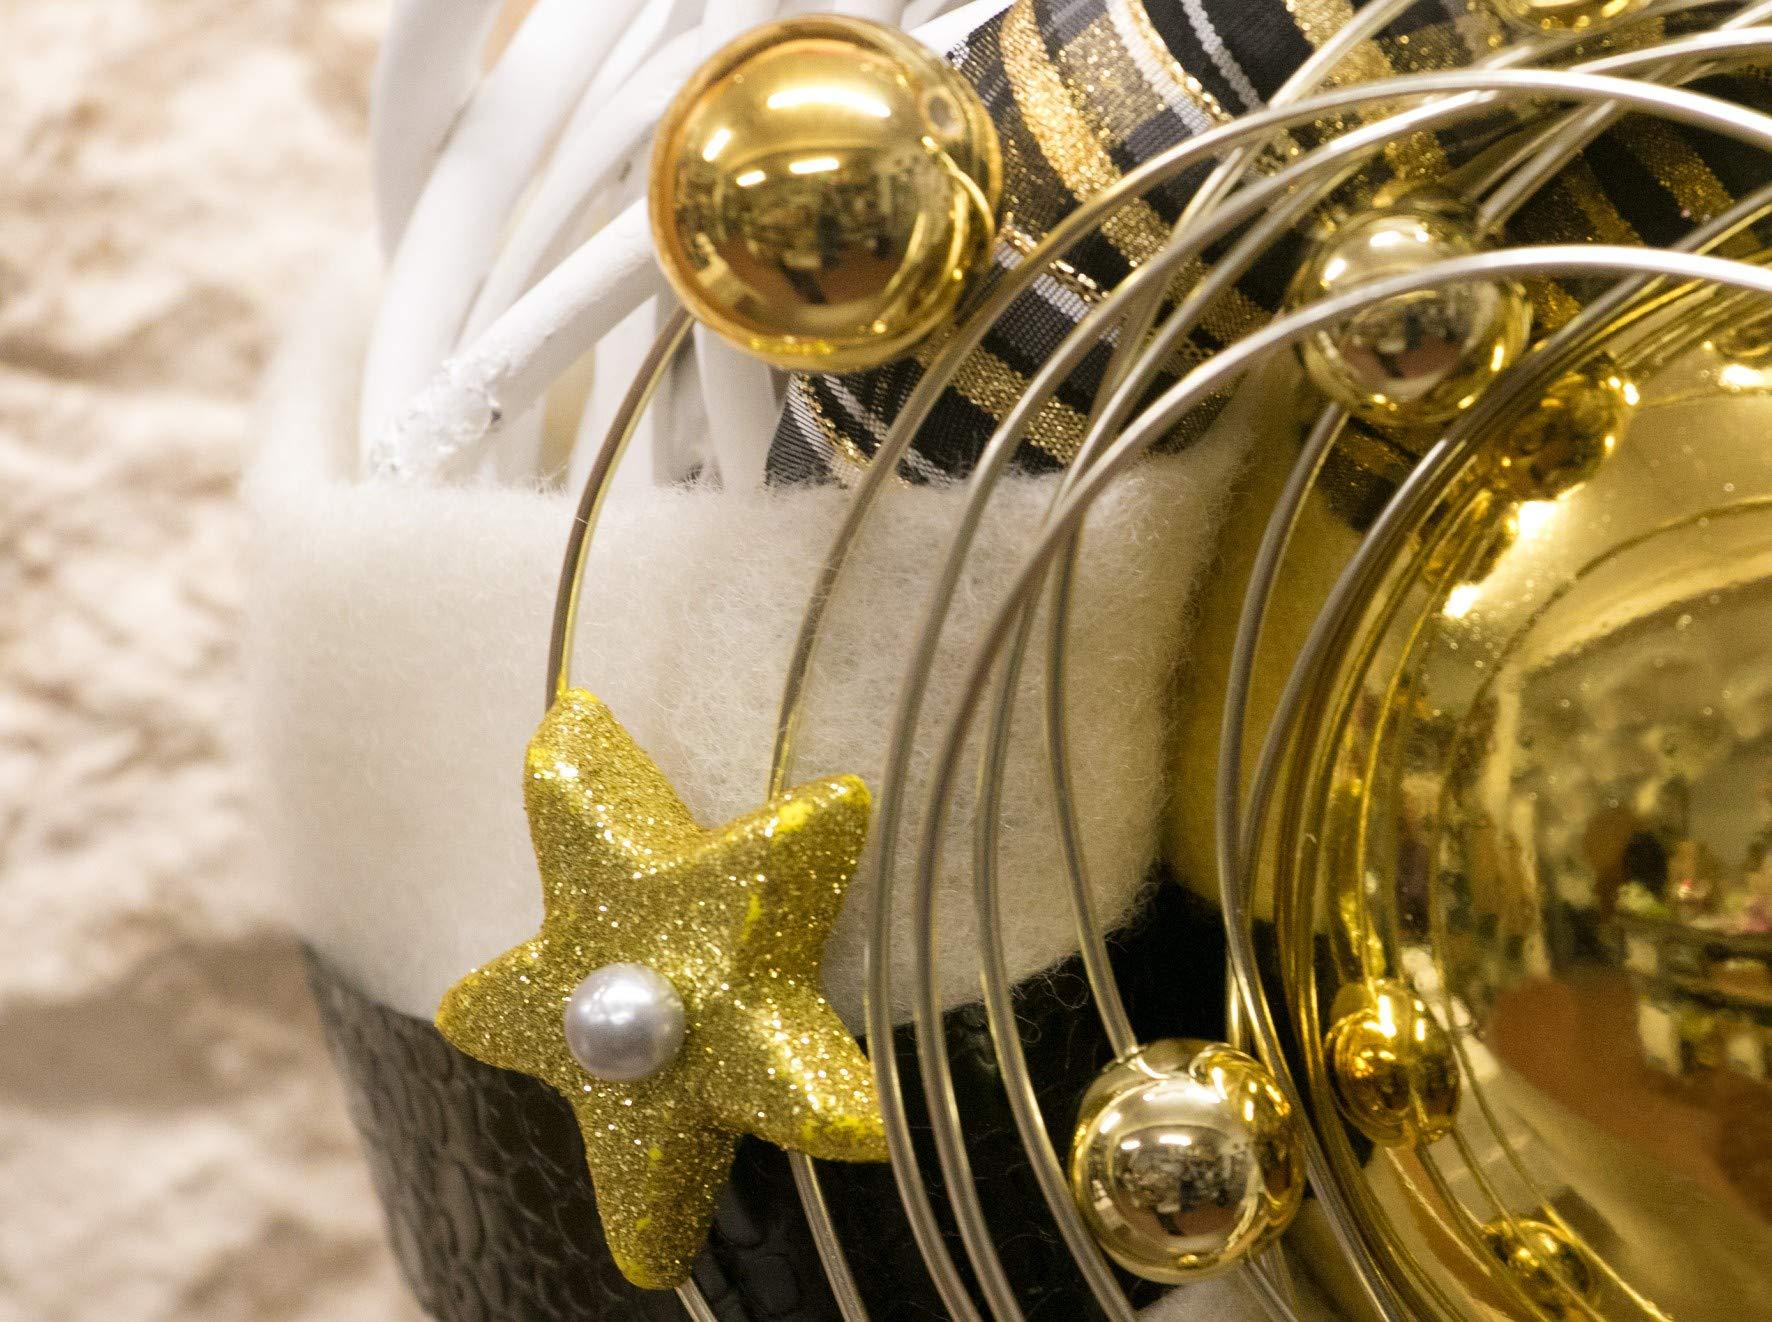 HIKO-EVENTDEKO-Doppelkranz-Wandkranz-Nr22-Trkranz-wei-30-cm-mit-Goldkugel-Sternen-modern-Trdeko-Winter-Weihnachten-Trdeko-Trdekoration-Winterkranz